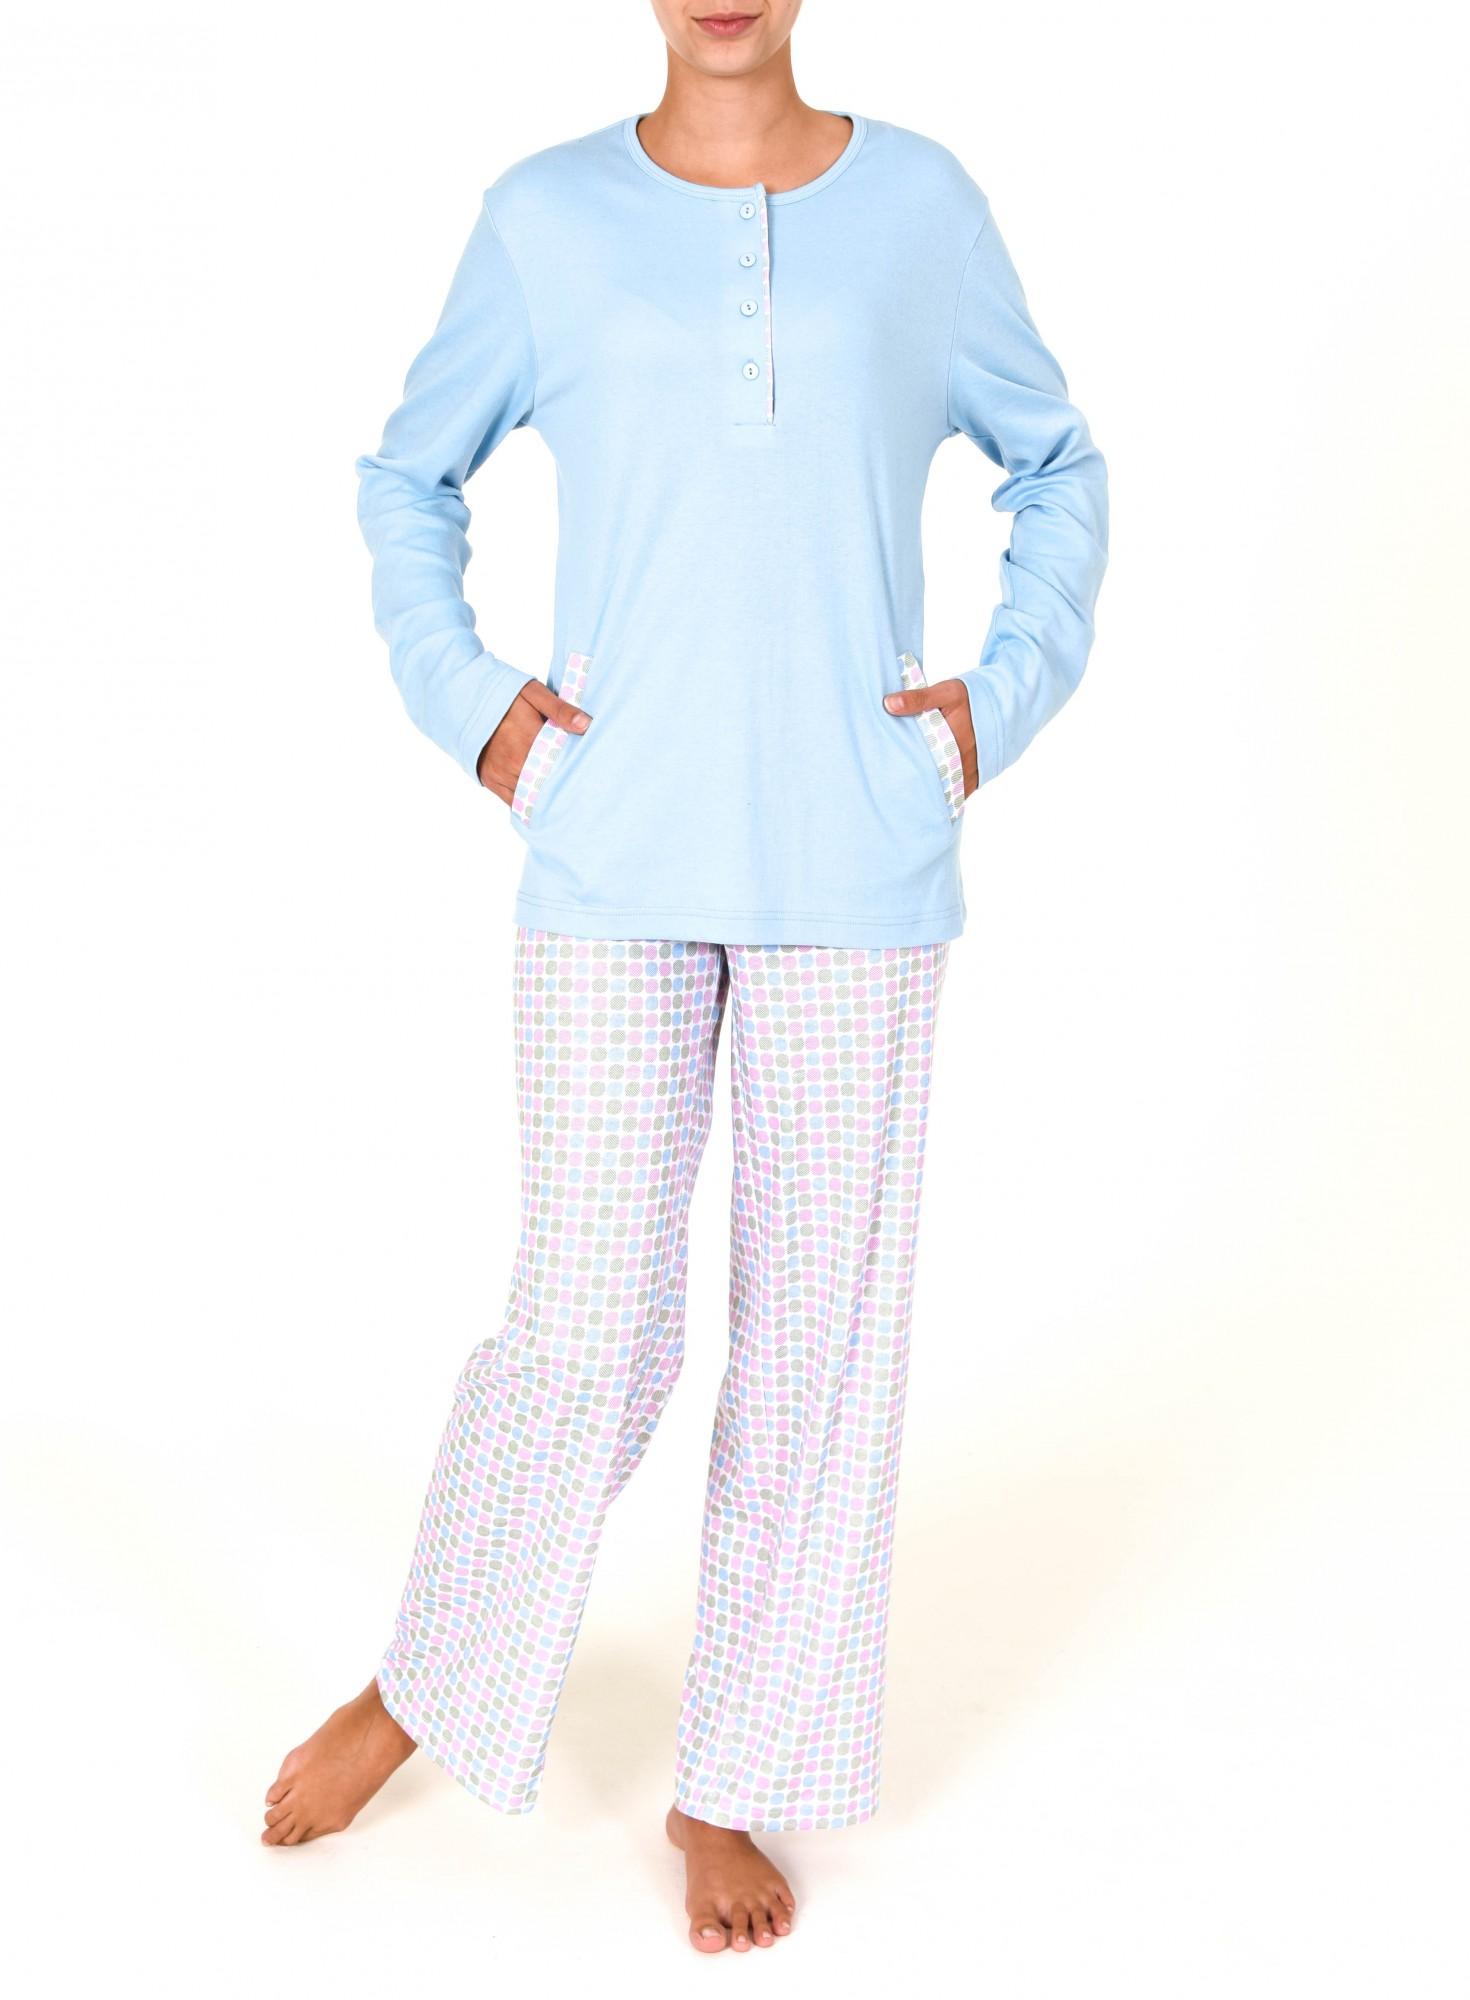 479f8e9bc5 Suchergebnisse für: pyjama mit buendchen hausanzug kuschel interlock ...